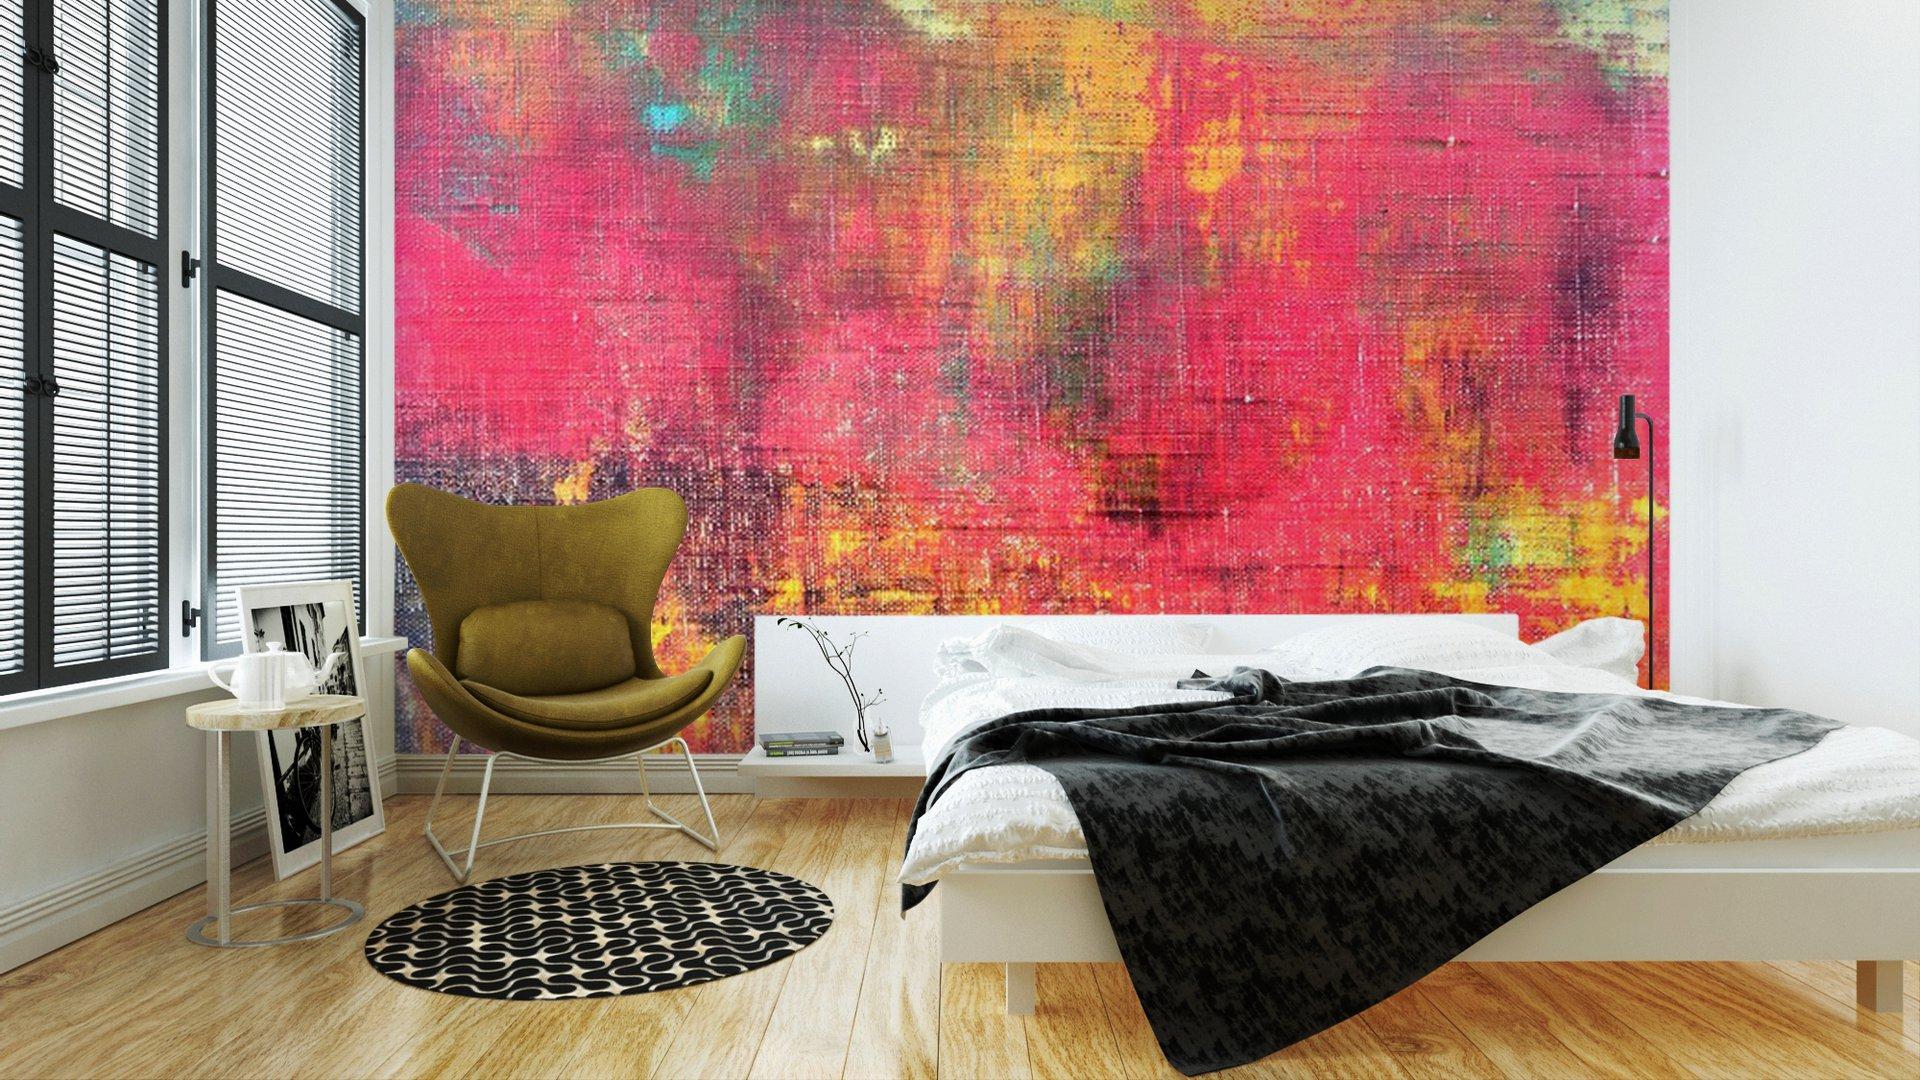 MANO ABSTRACTO COLORIDO LIENZO PINTADO TEXTURA DE FONDO2 - Fotomural Tapiz Abstracto Colorido 01